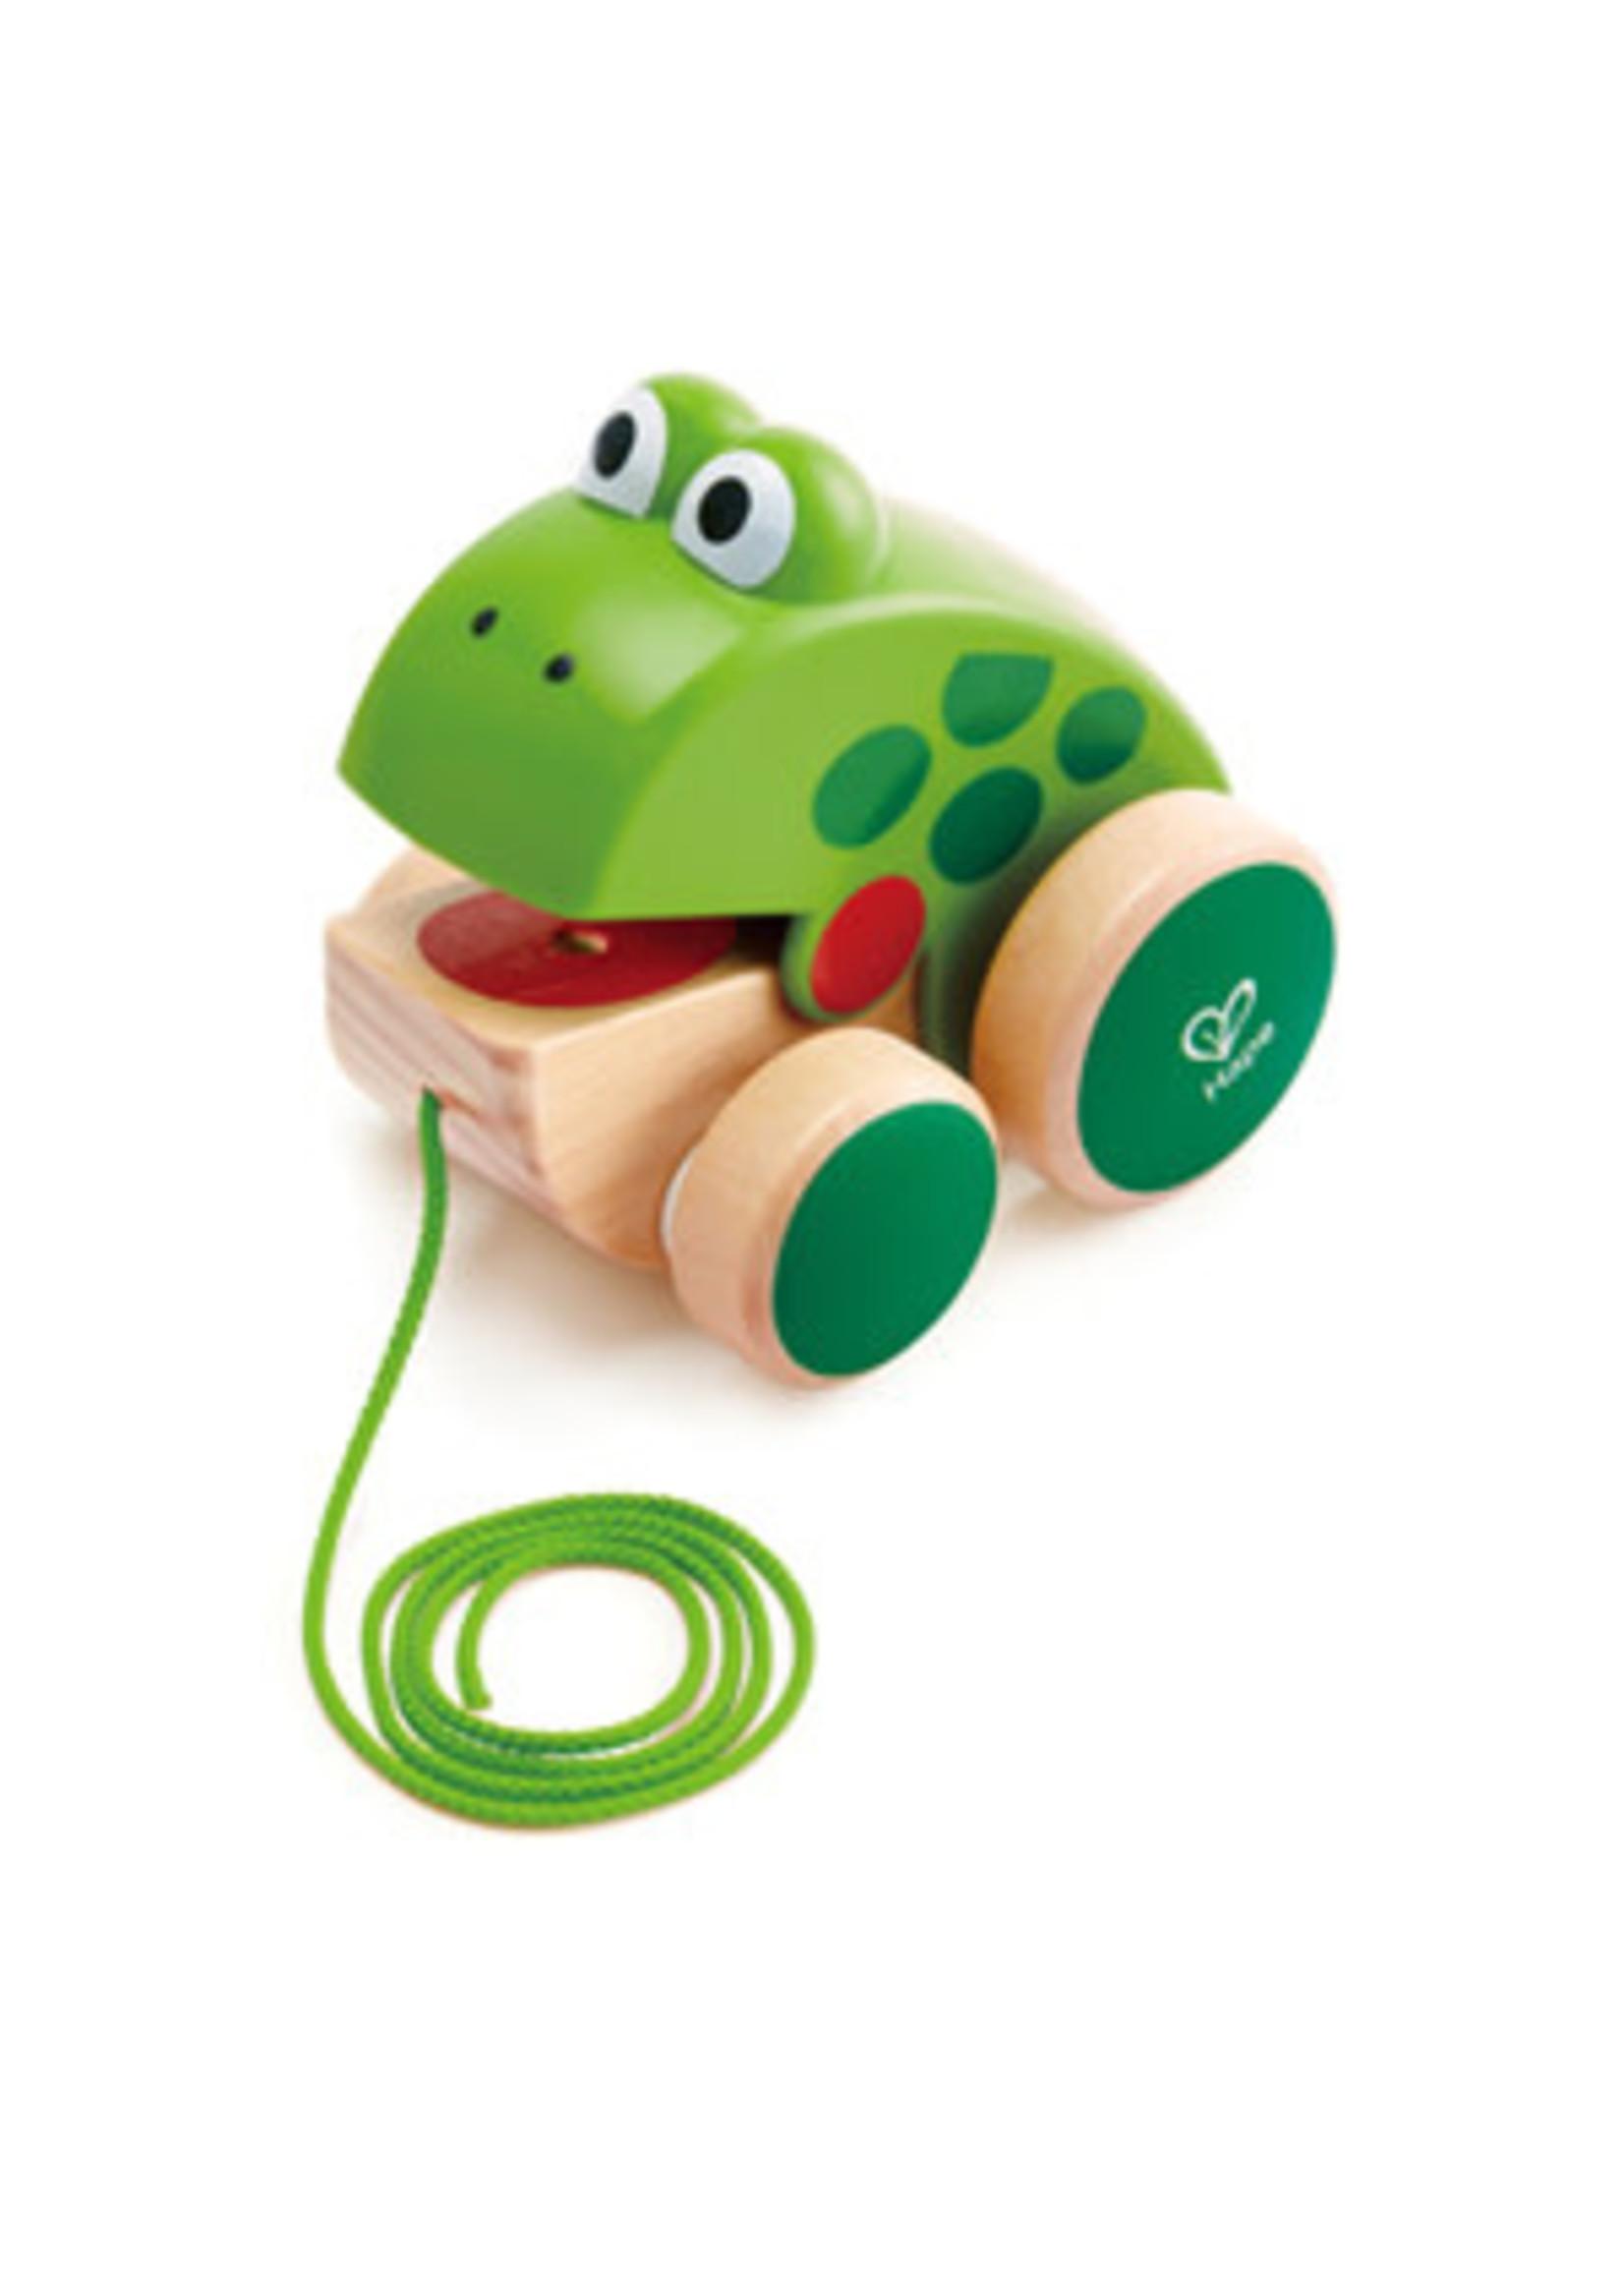 Hape Hape Frog Pull-Along